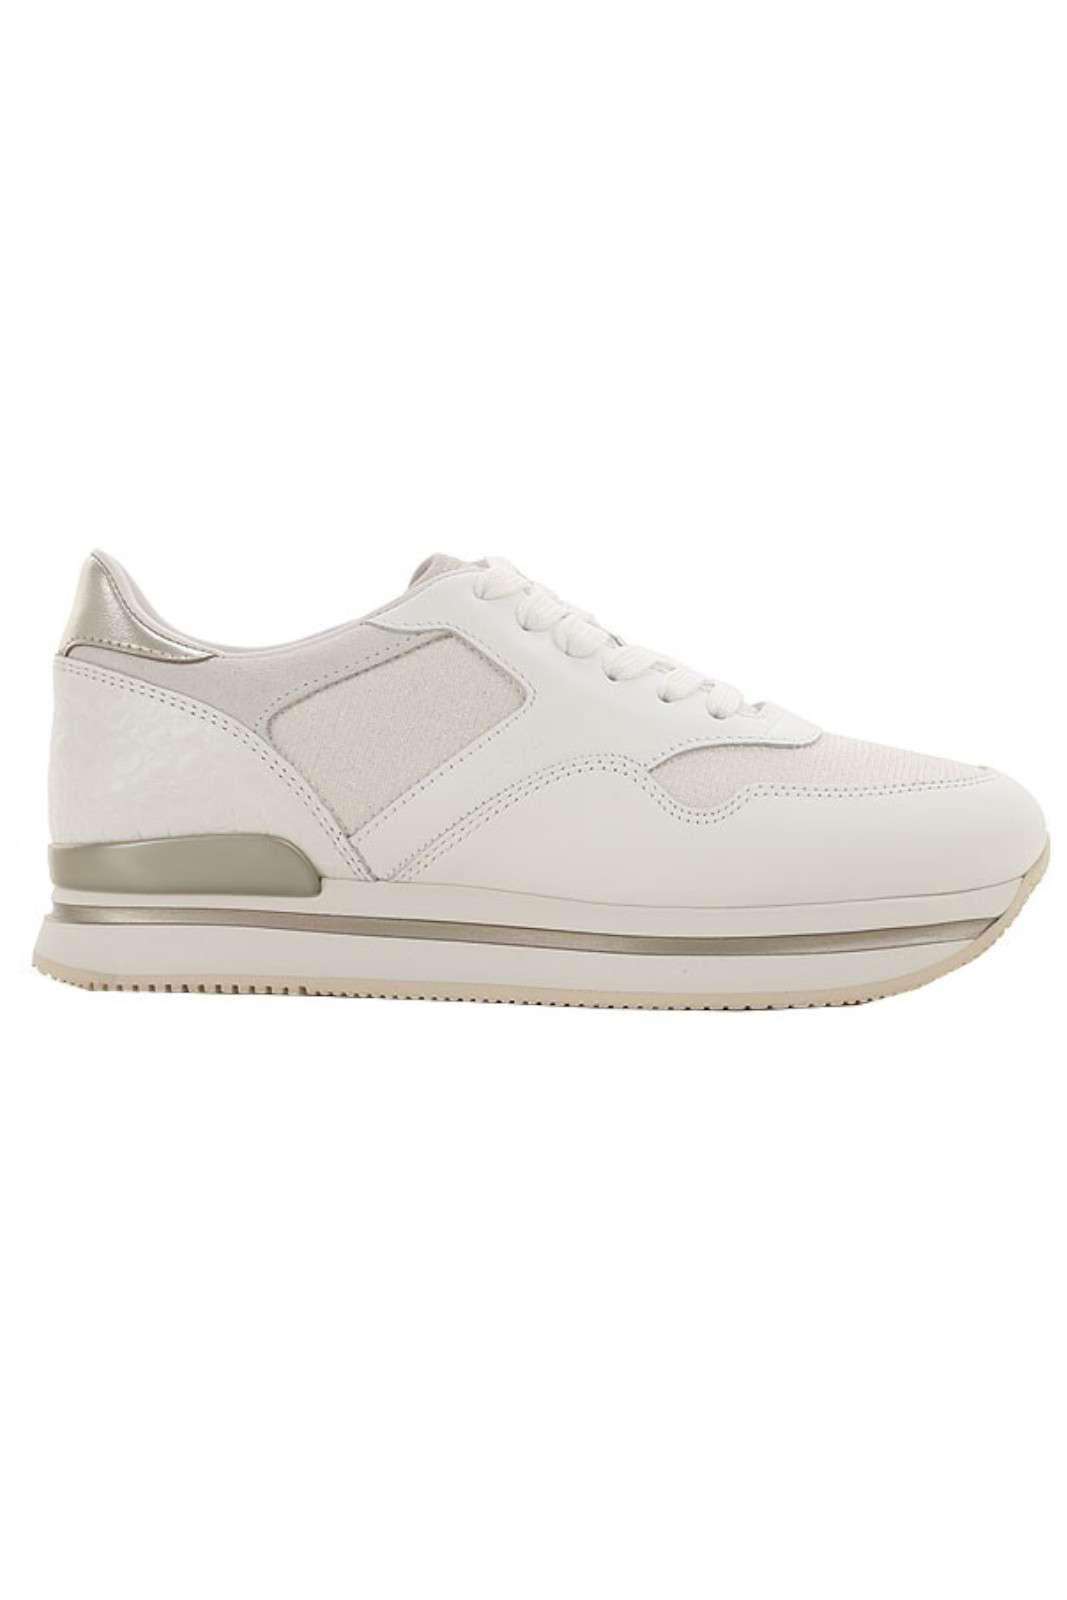 Una sneaker in pelle con dettagli shiny quella proposta dalla collezione Hogan. I pregiati pellami si fondono per un look innovativo e glamour. Da indossare sia con gonne che con pantaloni, conferiscono un look fashion ad ogni outfit.